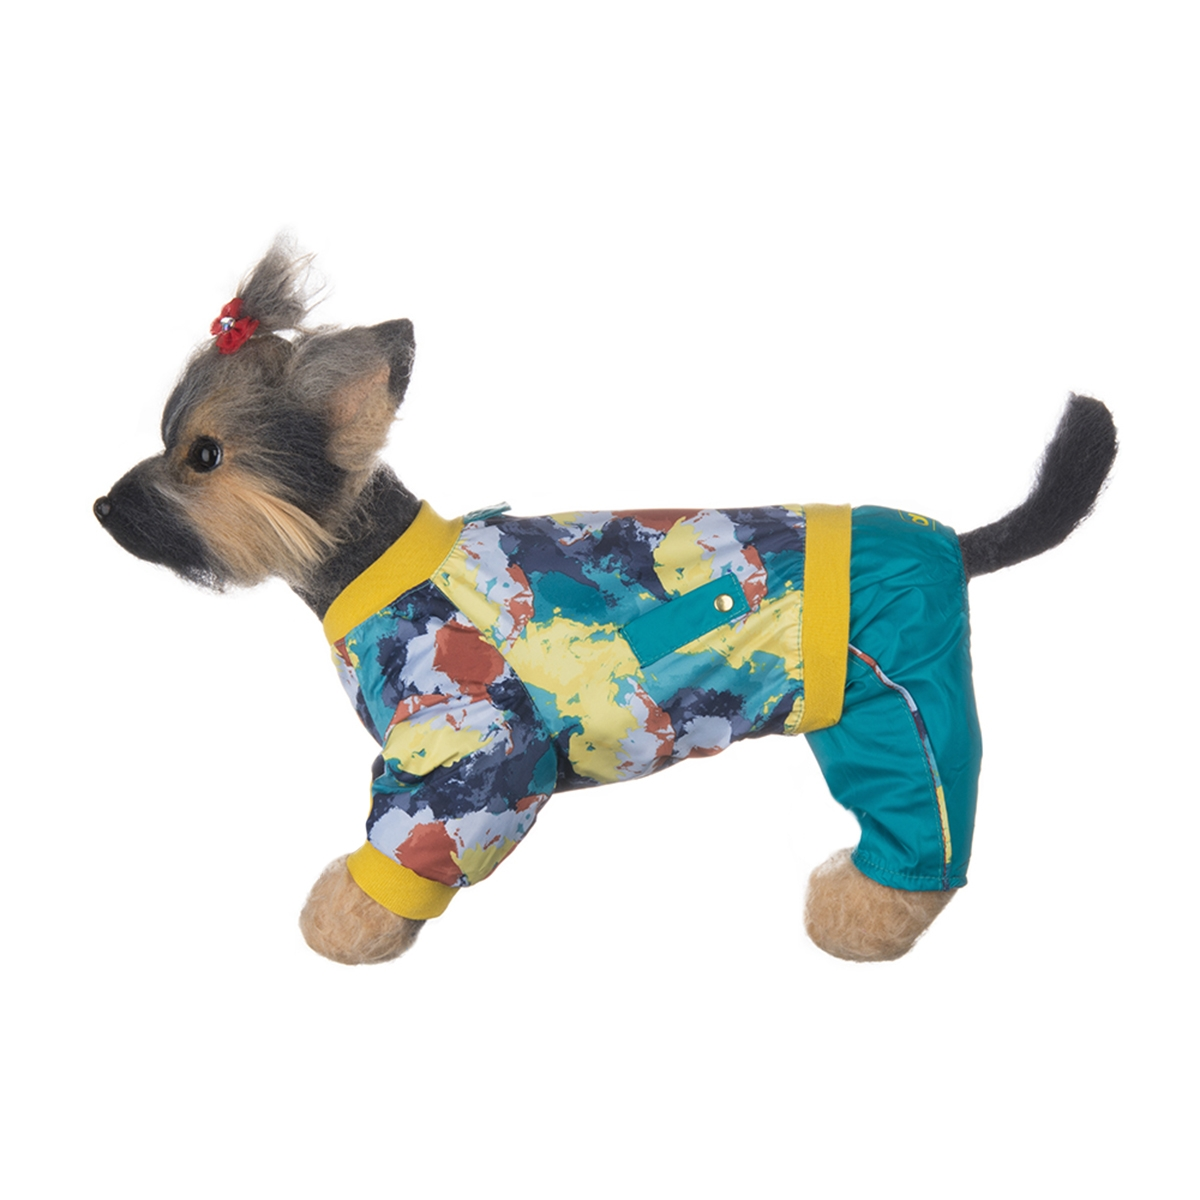 Комбинезон для собак Dogmoda Акварель, для мальчика, цвет: морской волны, желтый. Размер 1 (S) догмода футболка с капюшоном для собак dogmoda 1